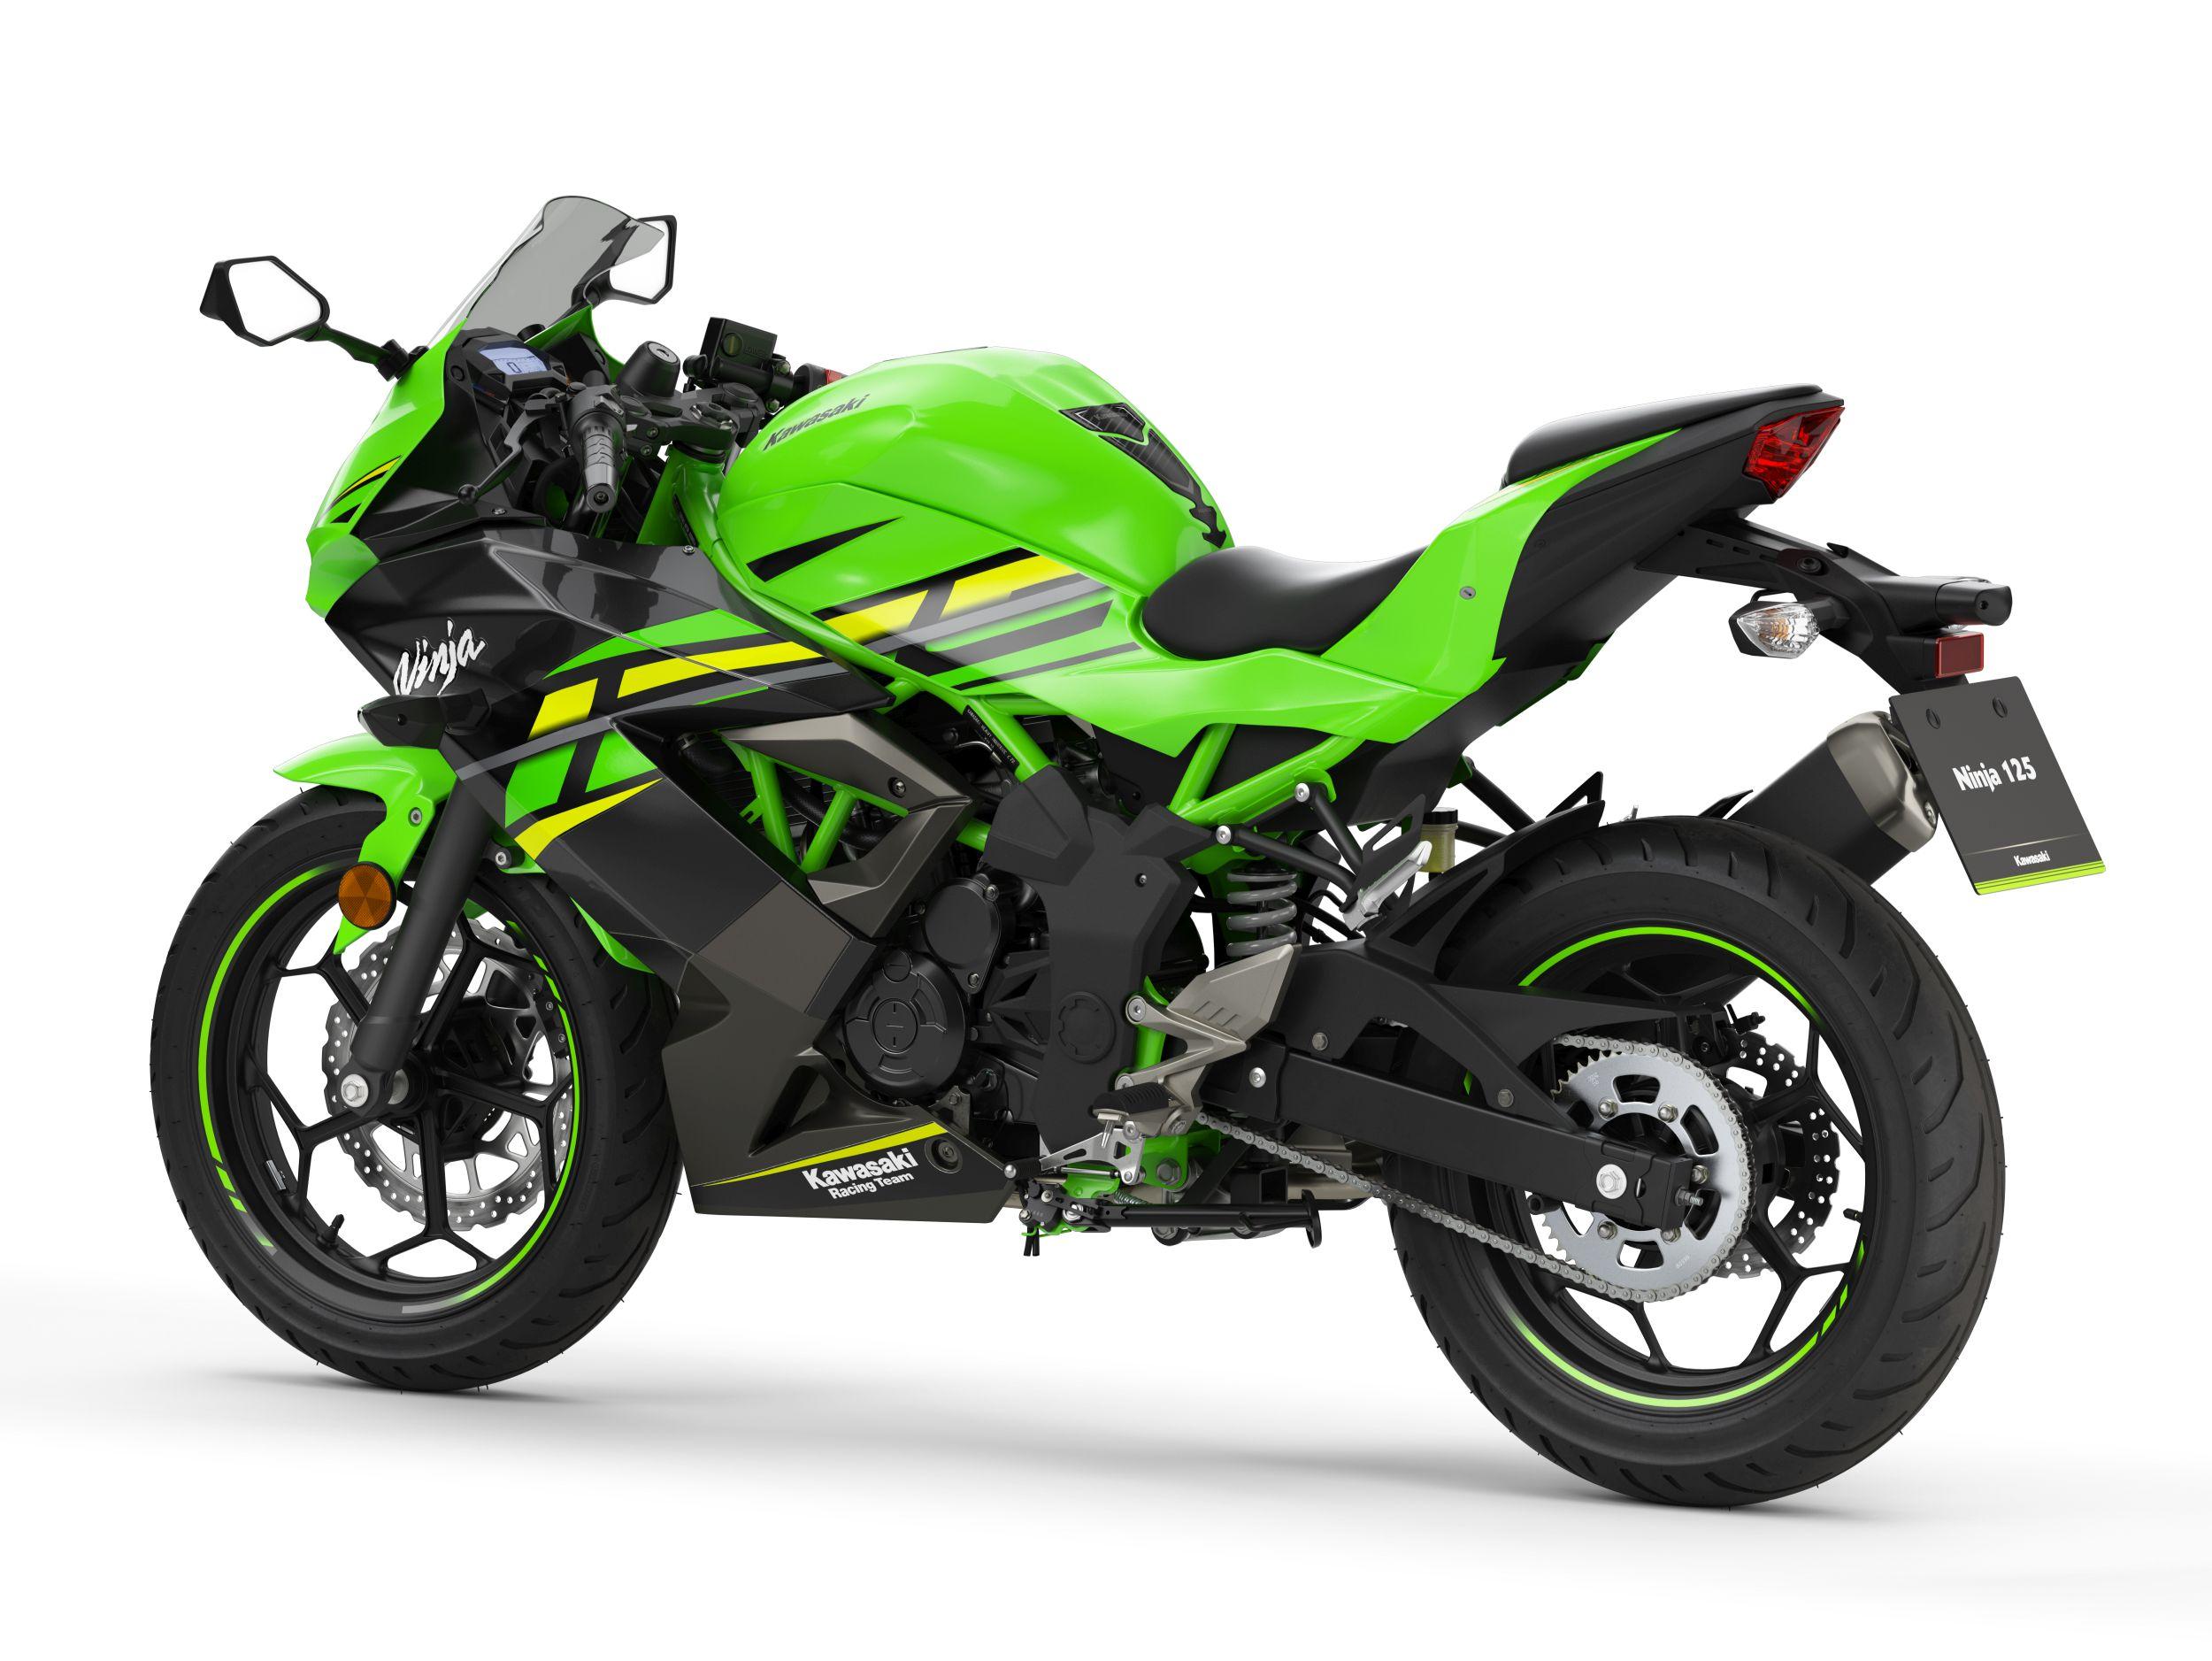 gebrauchte und neue kawasaki ninja 125 motorr der kaufen. Black Bedroom Furniture Sets. Home Design Ideas